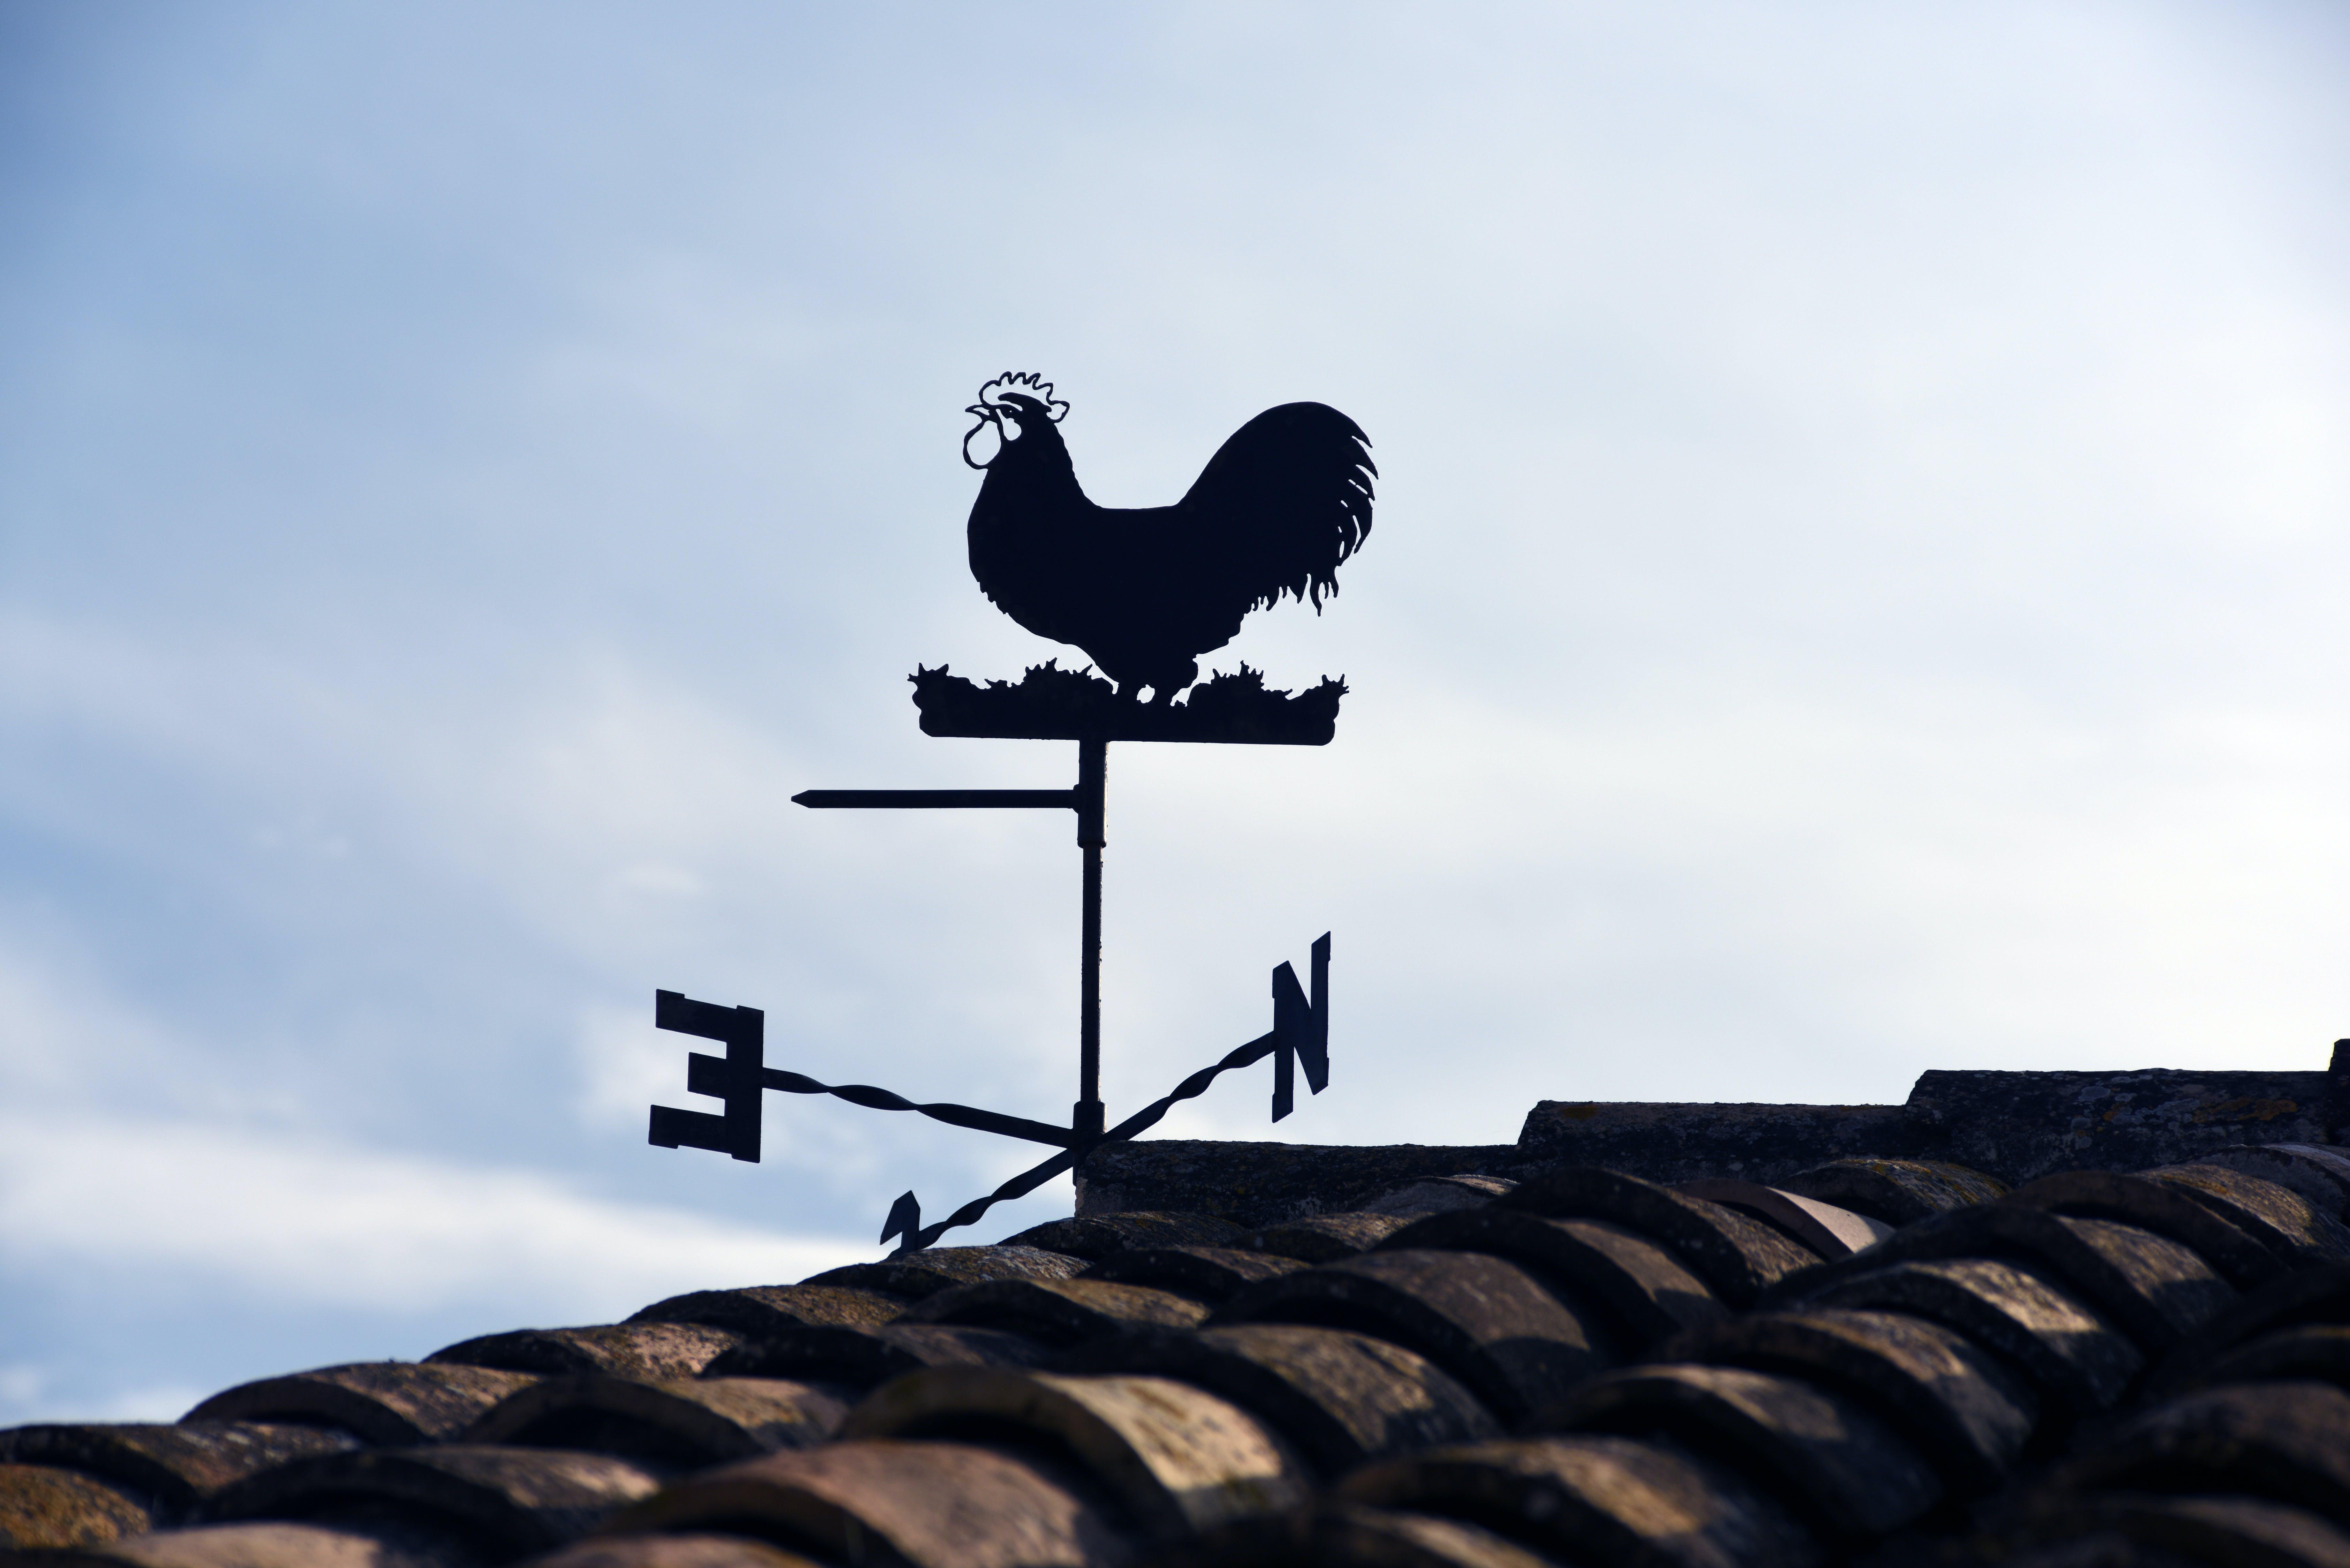 Wind Vane Beside Roof